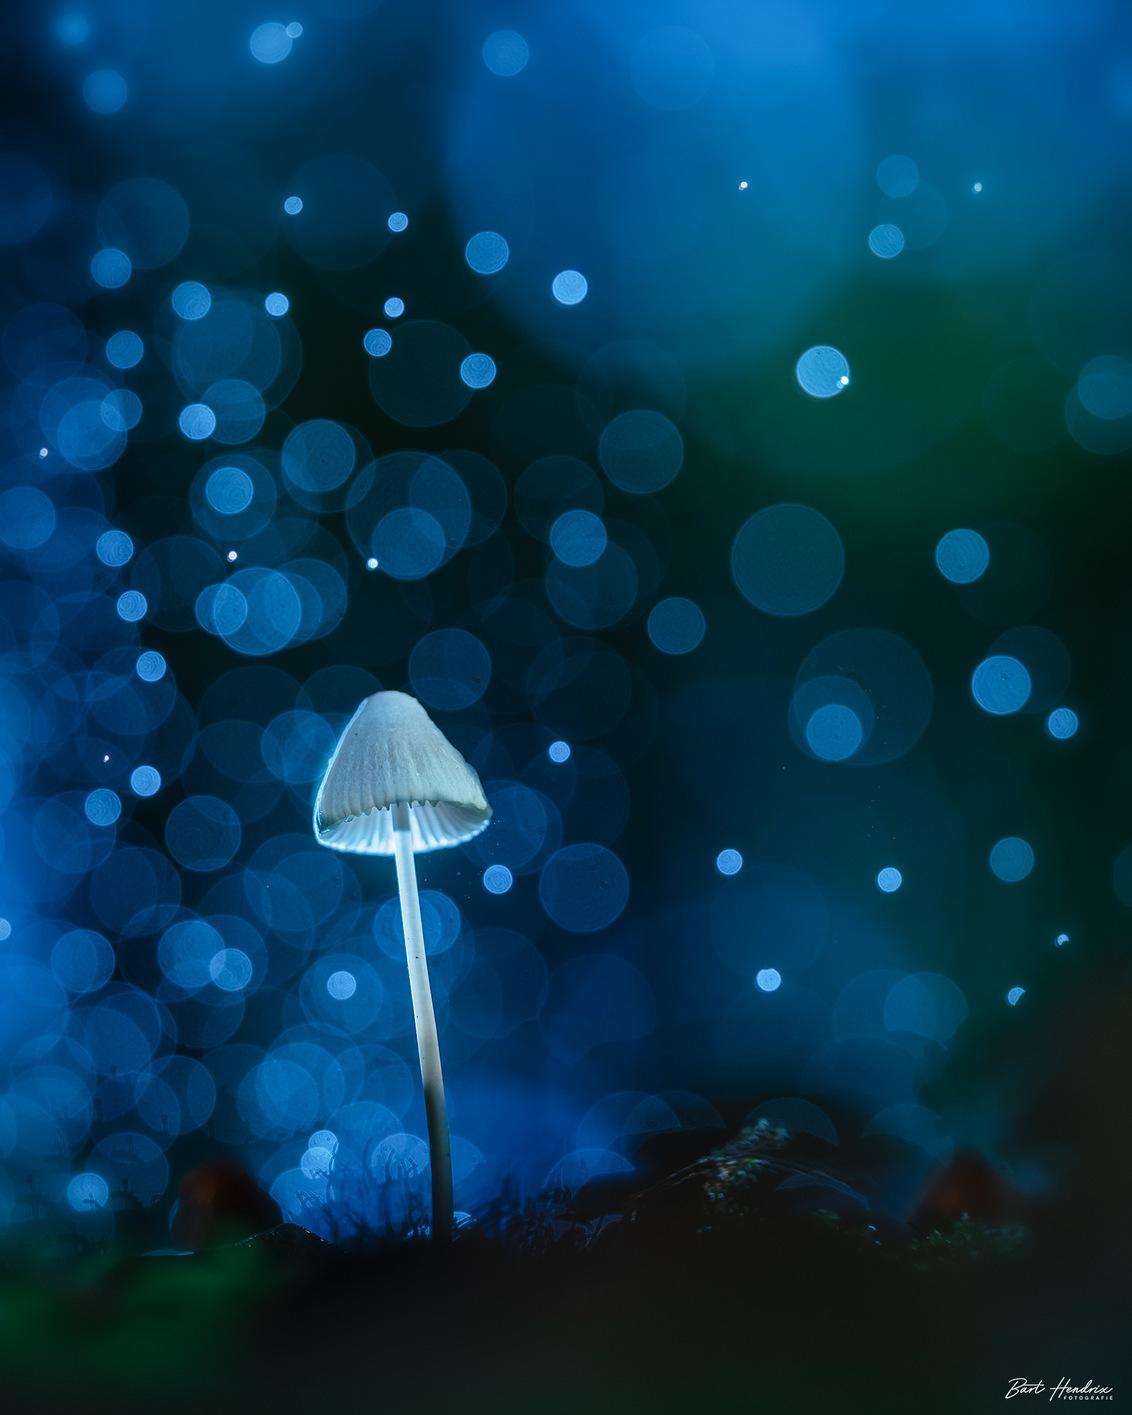 Confetti - Paddestoel gefotografeerd met flits en het effect gekregen door een plantenspuit te gebruiken en de witbalans te veranderen - foto door barthendrix op 12-11-2020 - deze foto bevat: macro, blauw, natuur, licht, paddestoel, herfst, bos, flits, waterdruppels